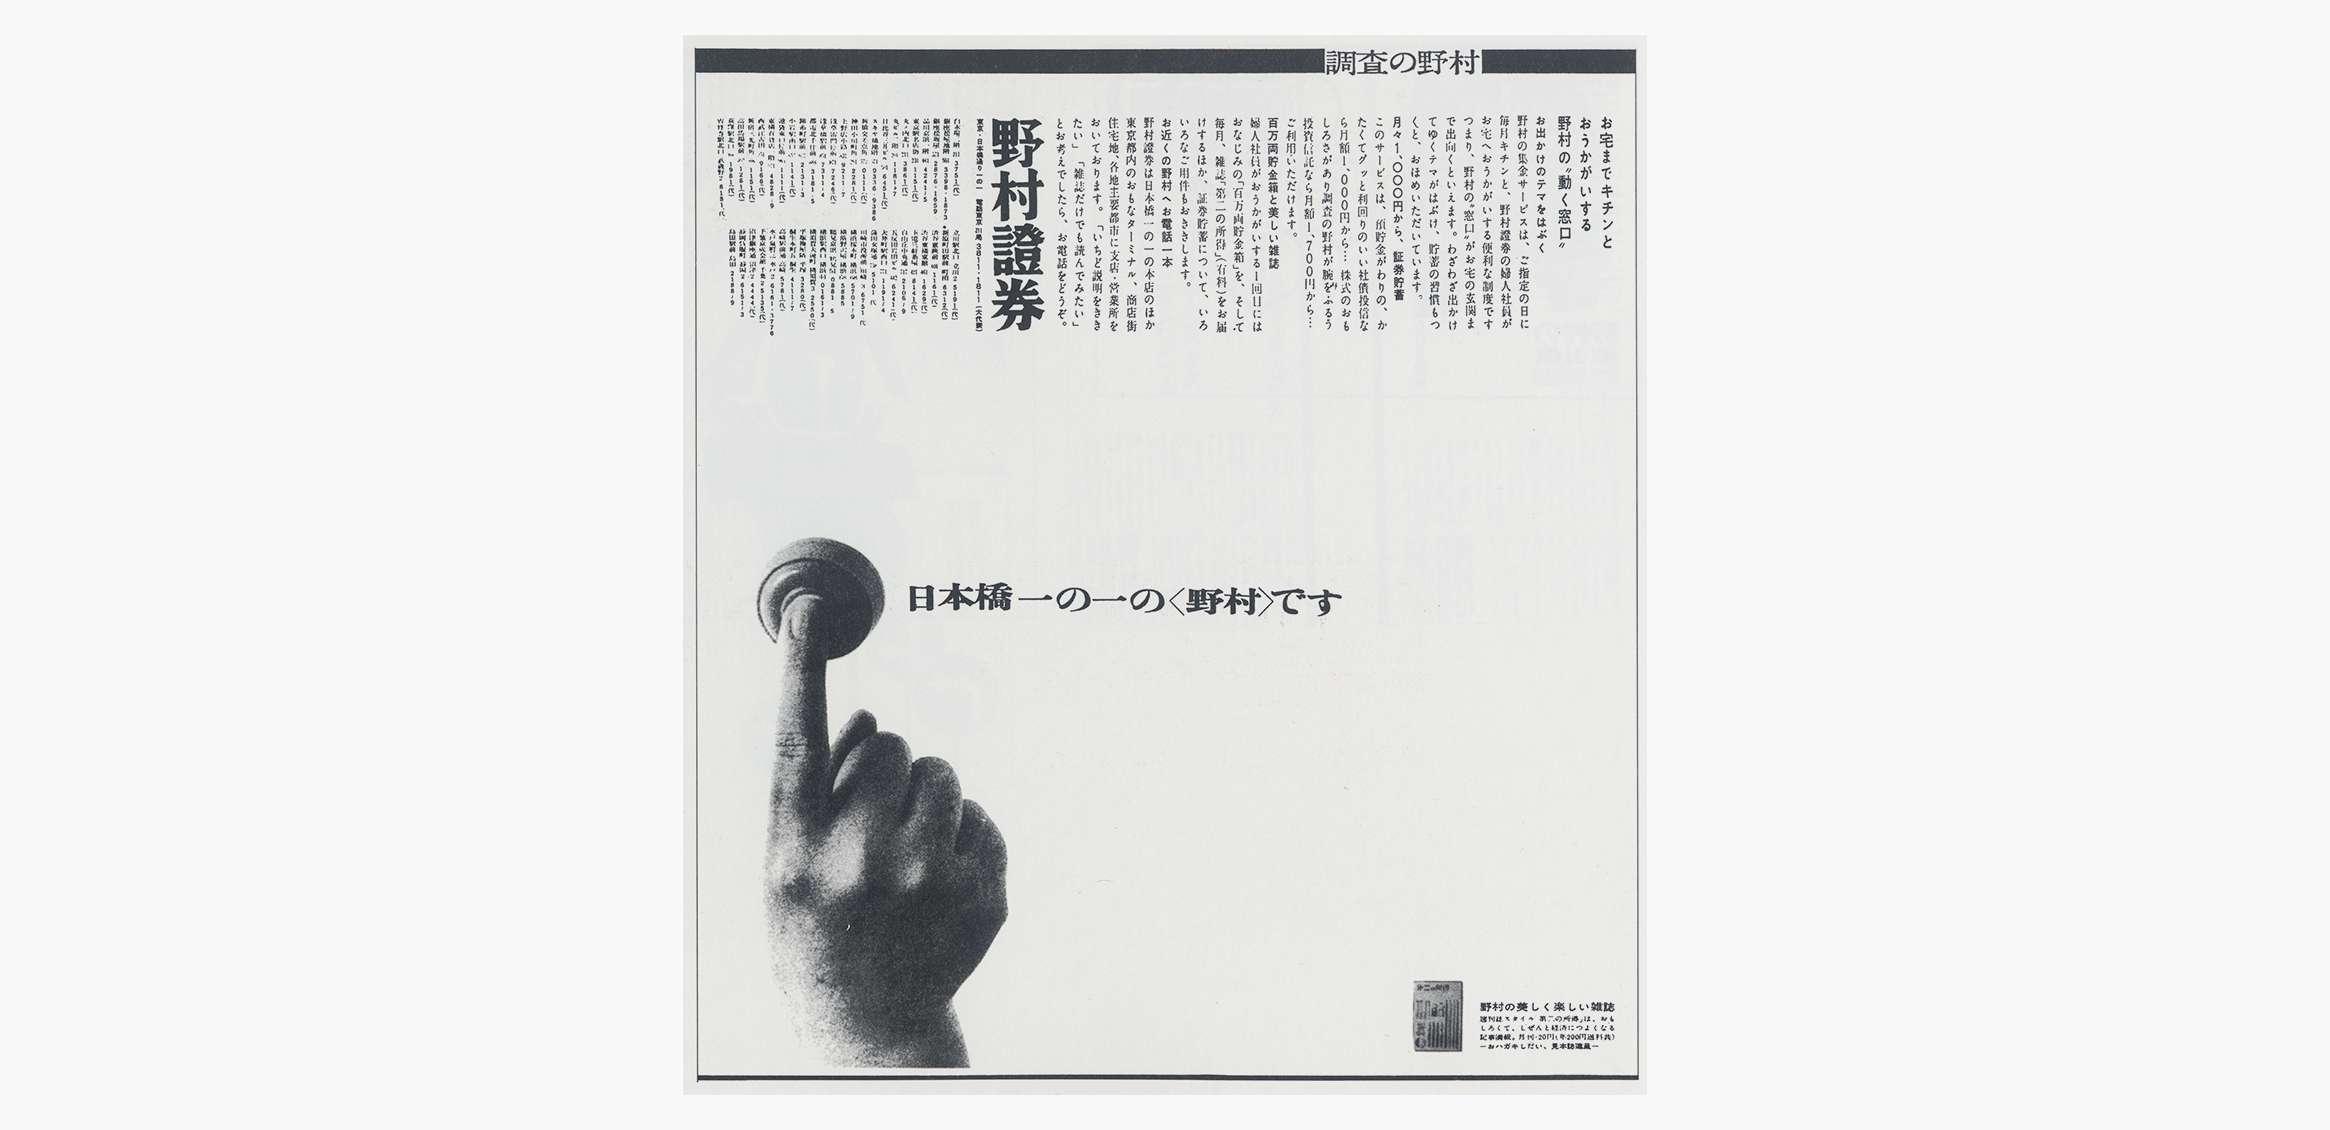 野村證券「日本橋一の一の〈野村〉です」0枚目